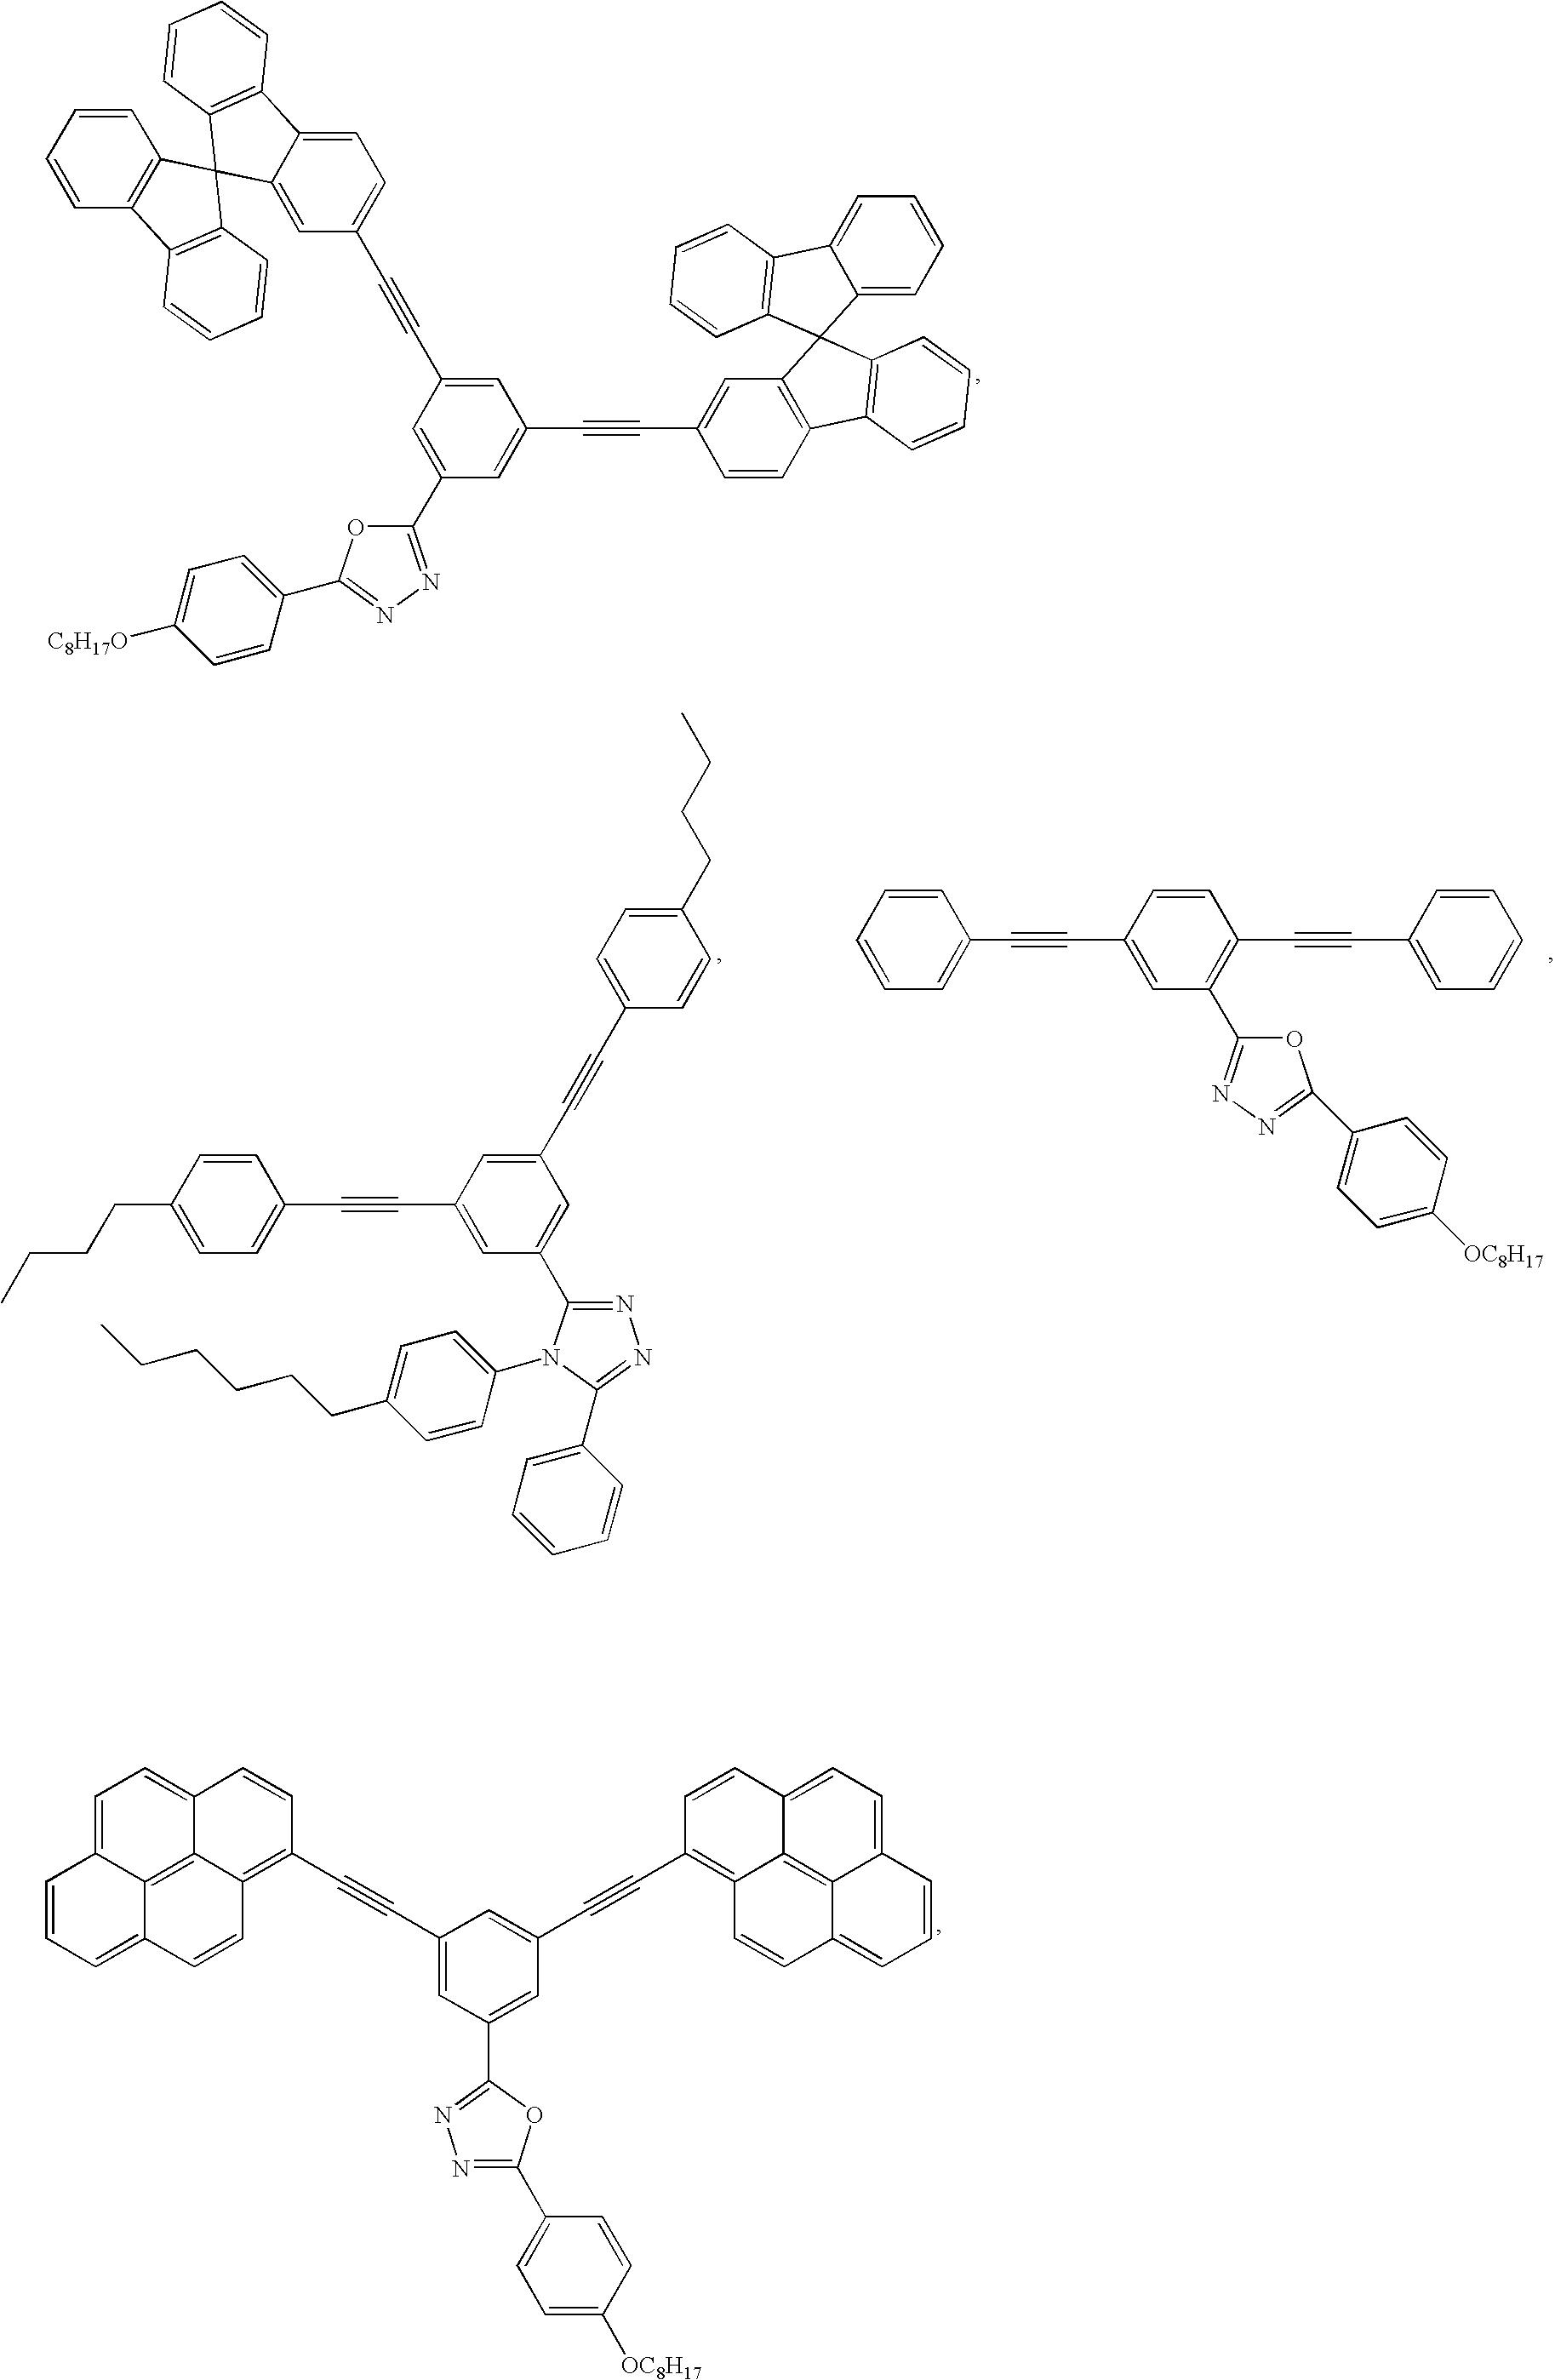 Figure US20070107835A1-20070517-C00094